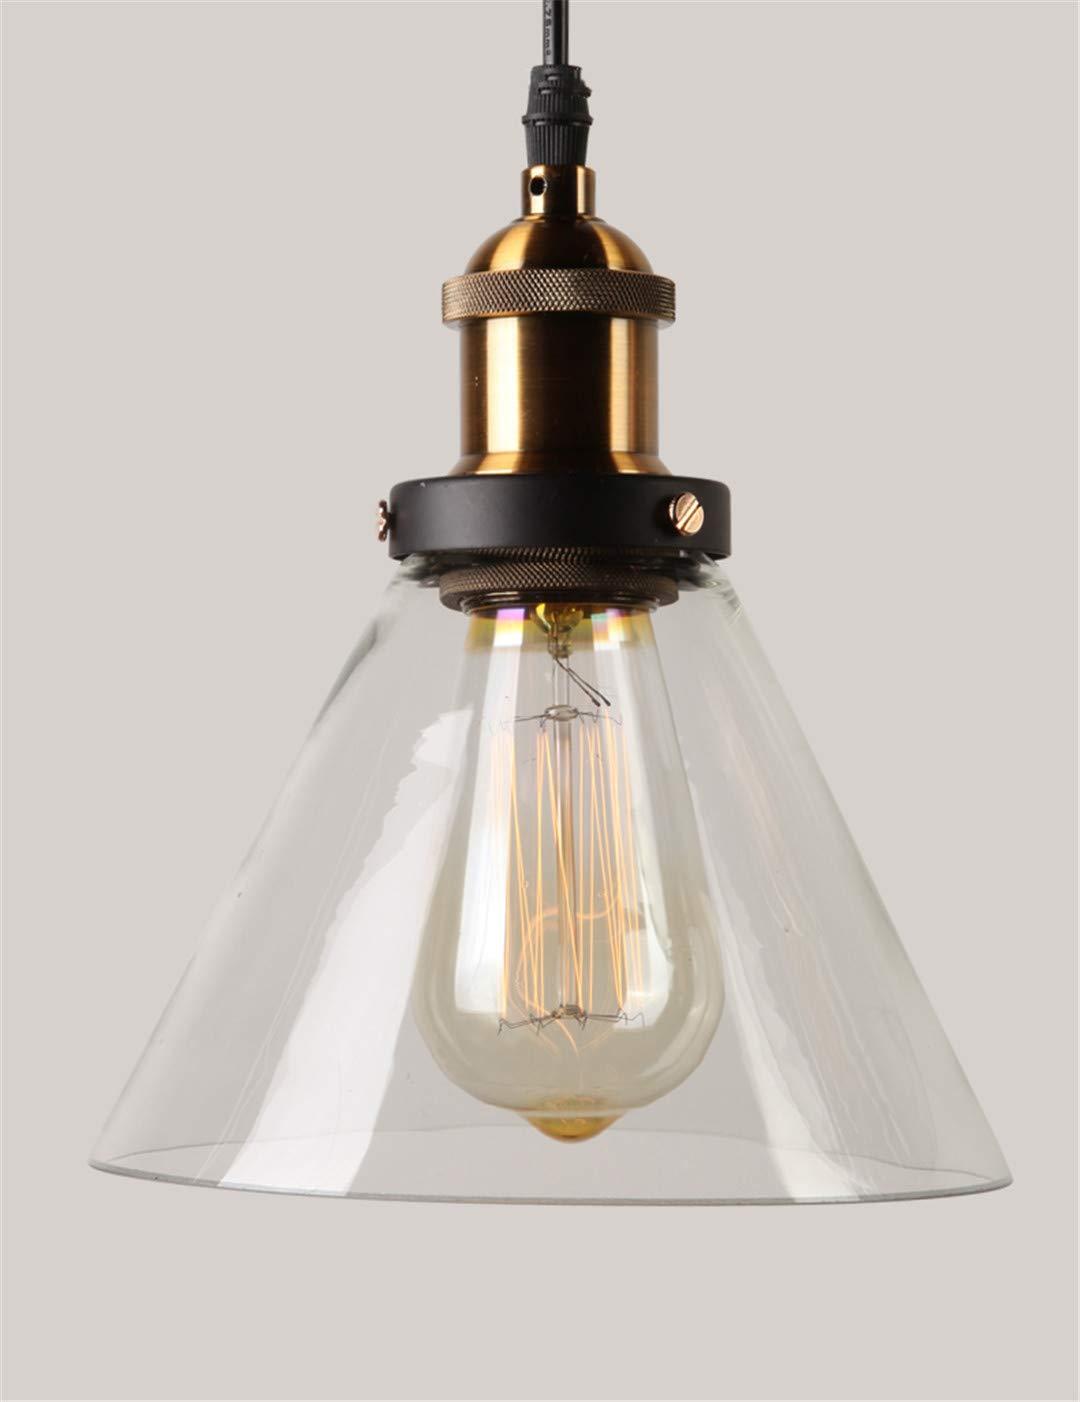 Vintage Pendelleuchten Glas Pendelleuchten Loft Industrie Hängelampe Smoky grau Modern Glanz Transparent-B